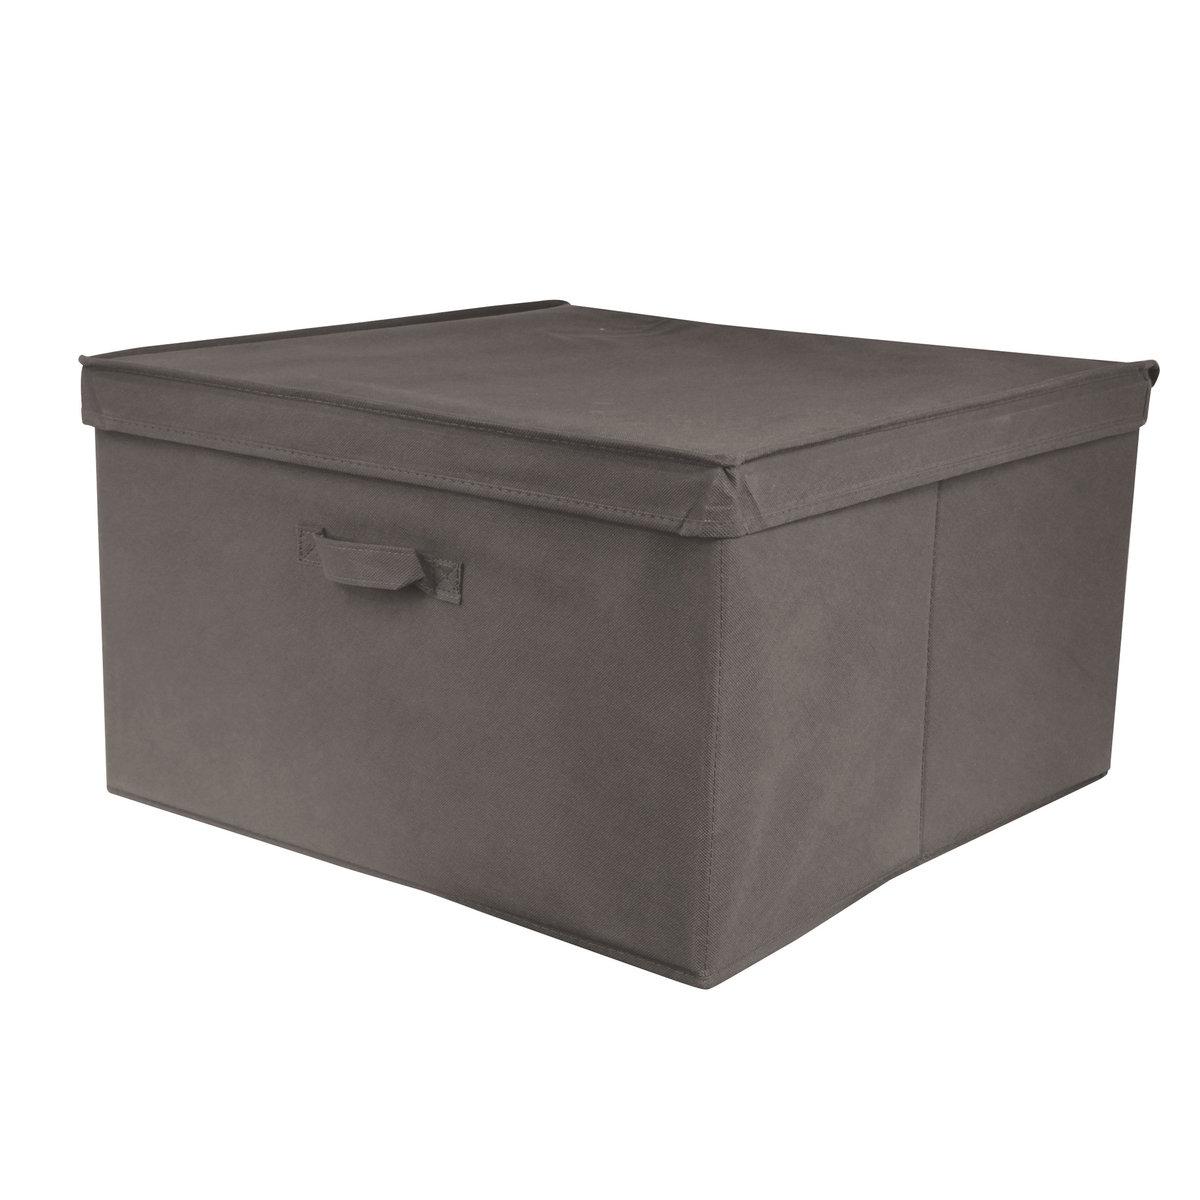 Короб для хранения 55 x 54 x 32 см, Denise